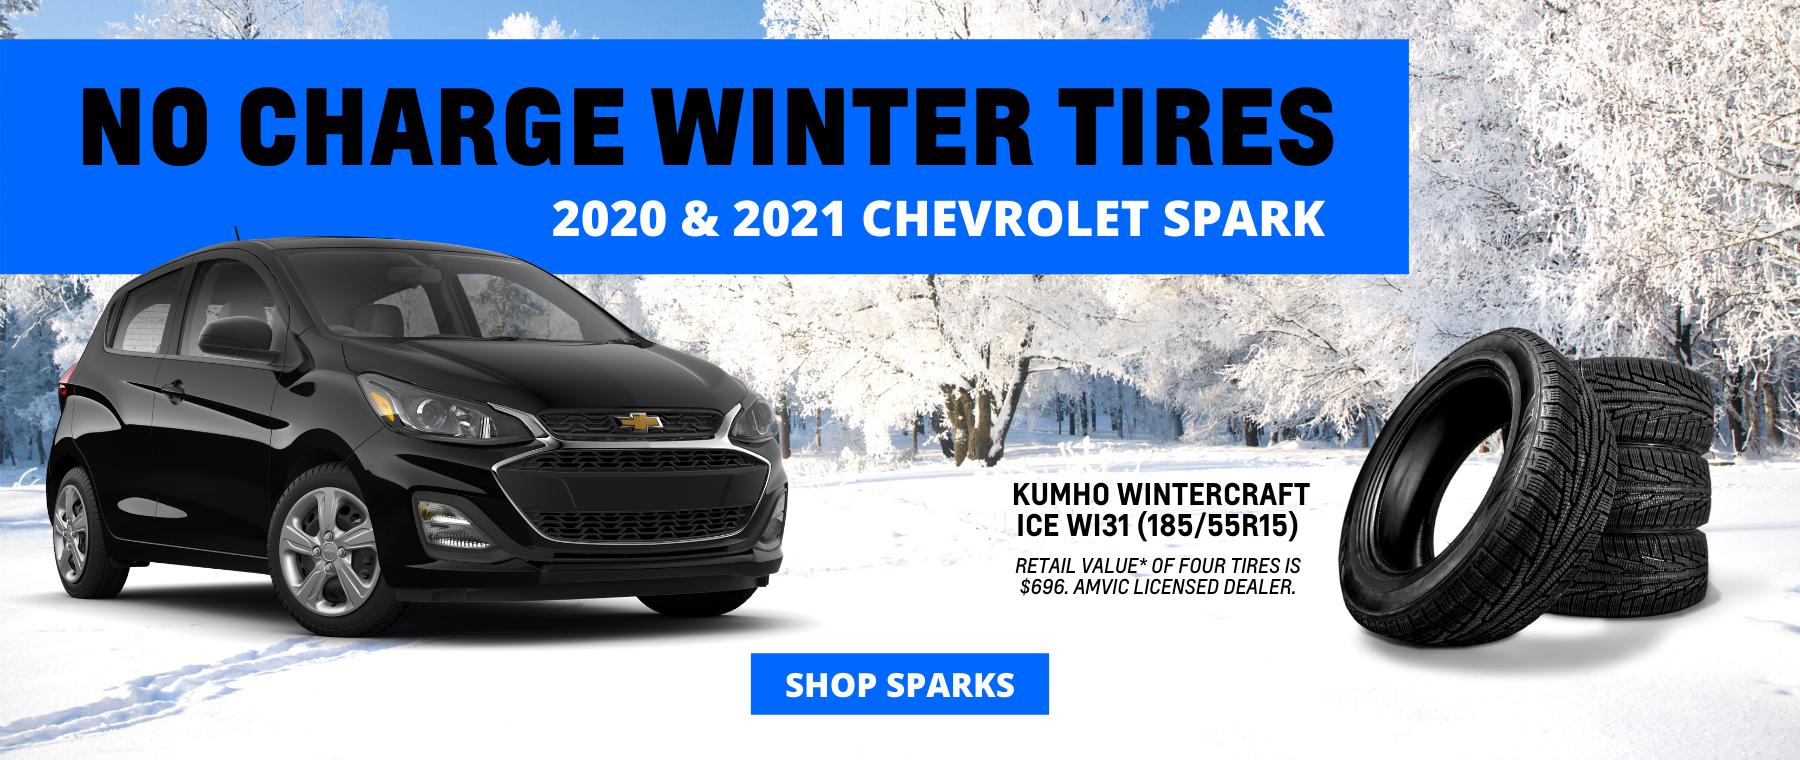 Winter Tires Chevrolet Spark